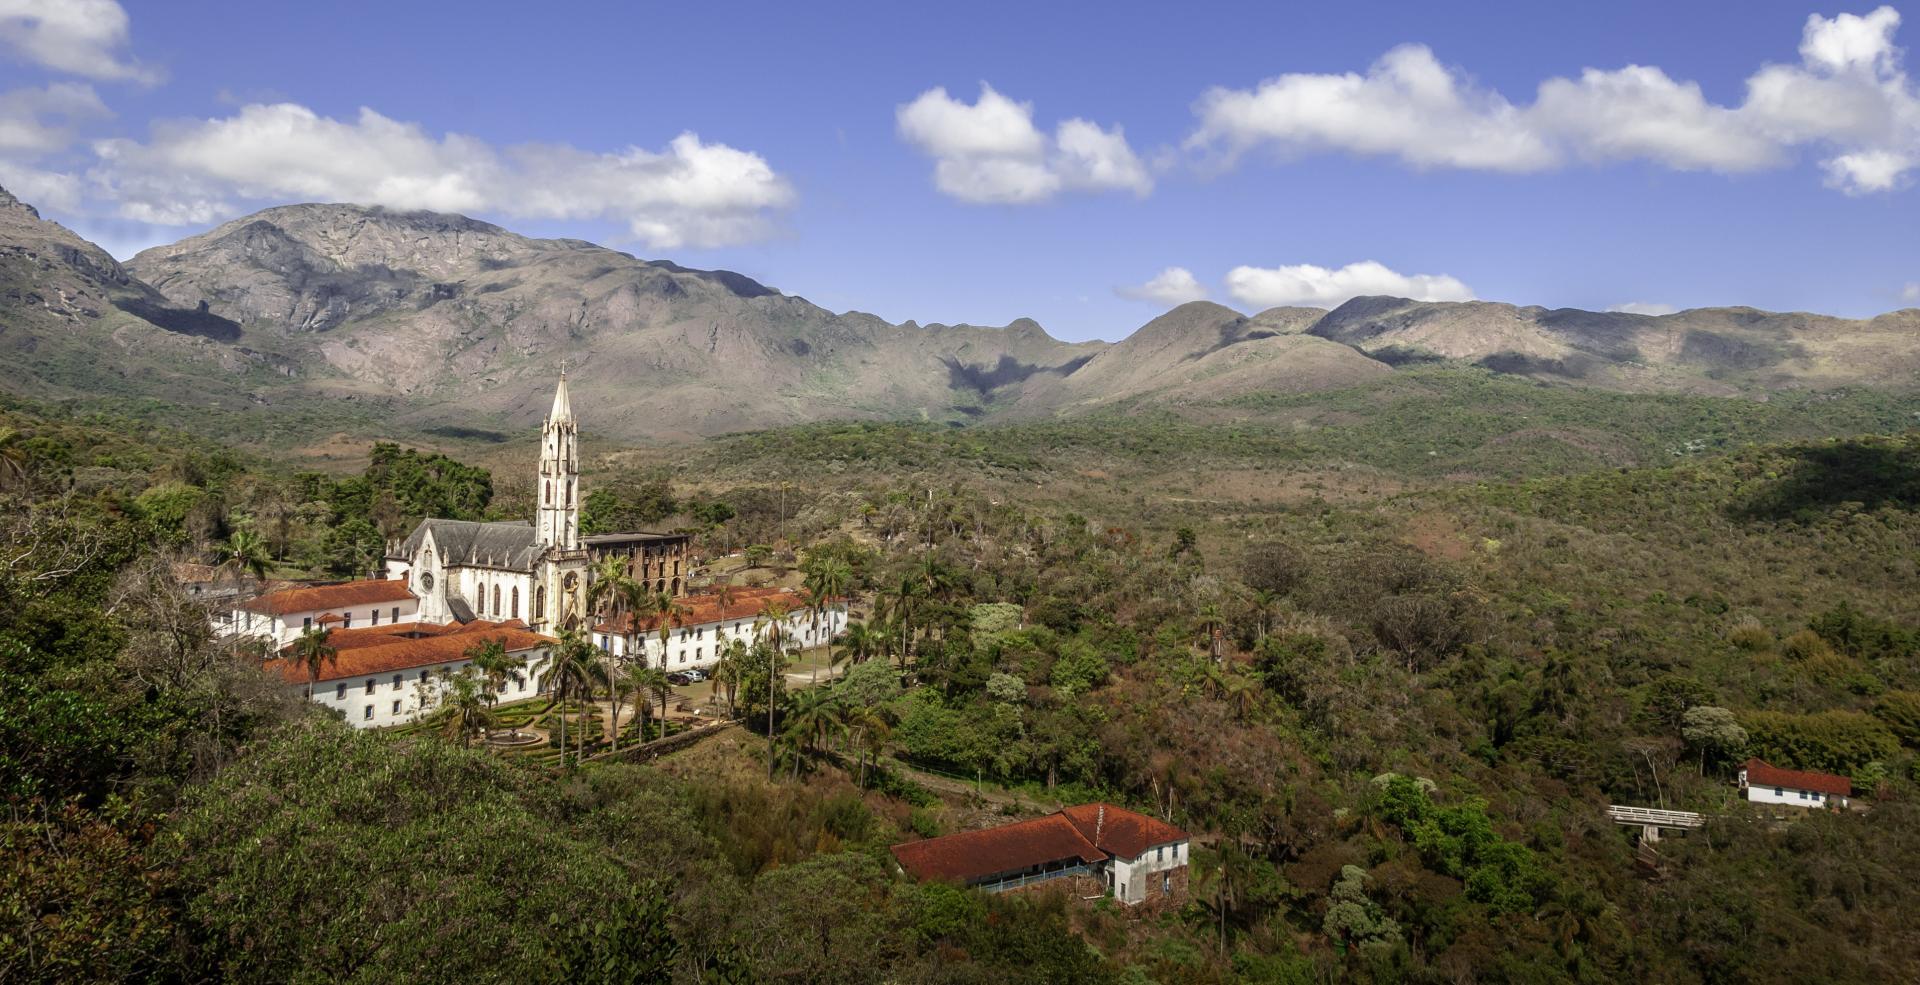 Luftaufnahme der Kloster-Pousada Serra do Caraca, auf der Goldroute in Brasilien